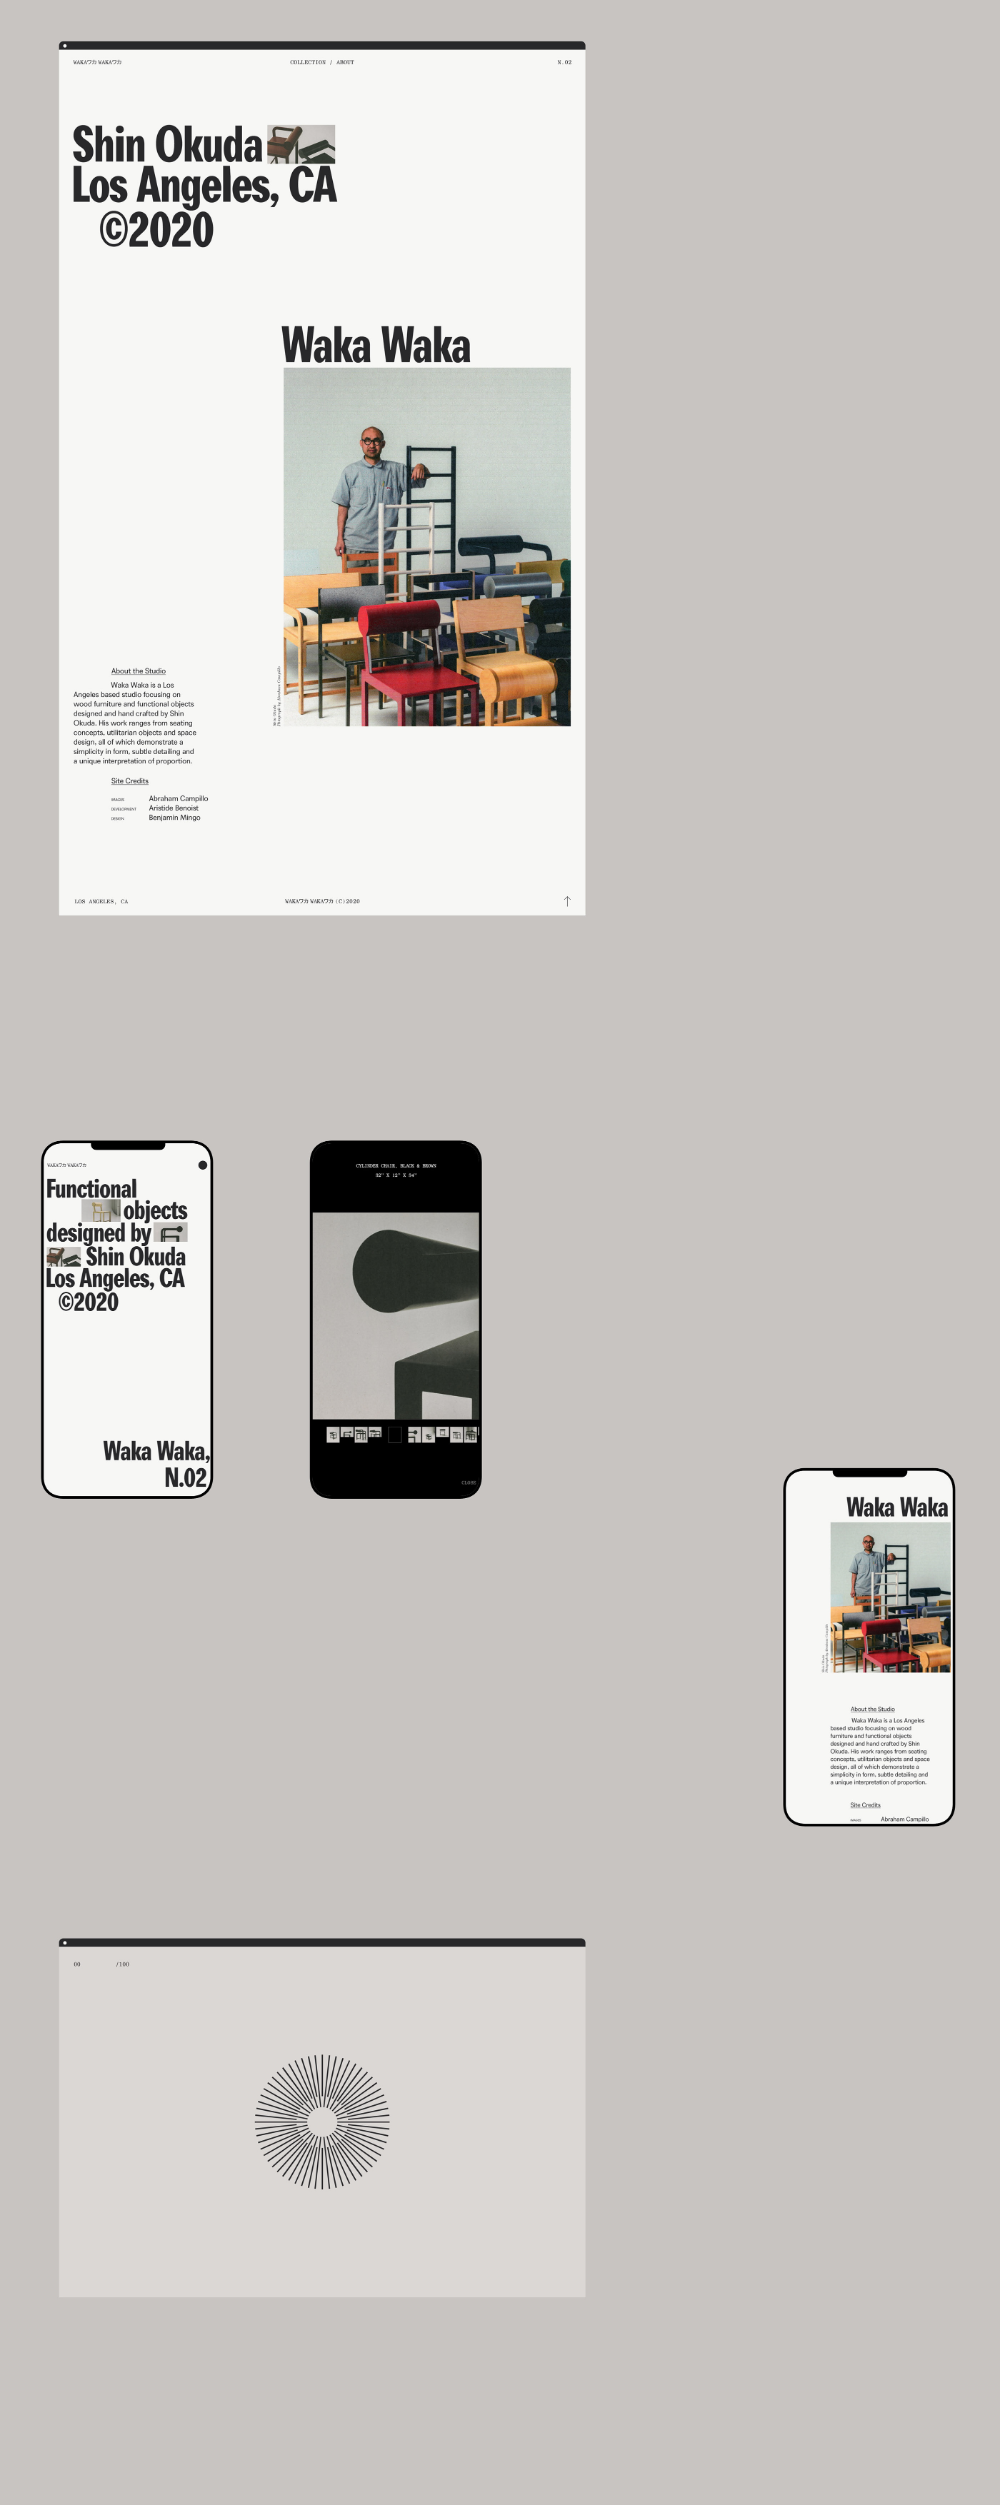 Waka Waka Collection N 02 On Behance In 2020 Composition Design Waka Waka Objects Design